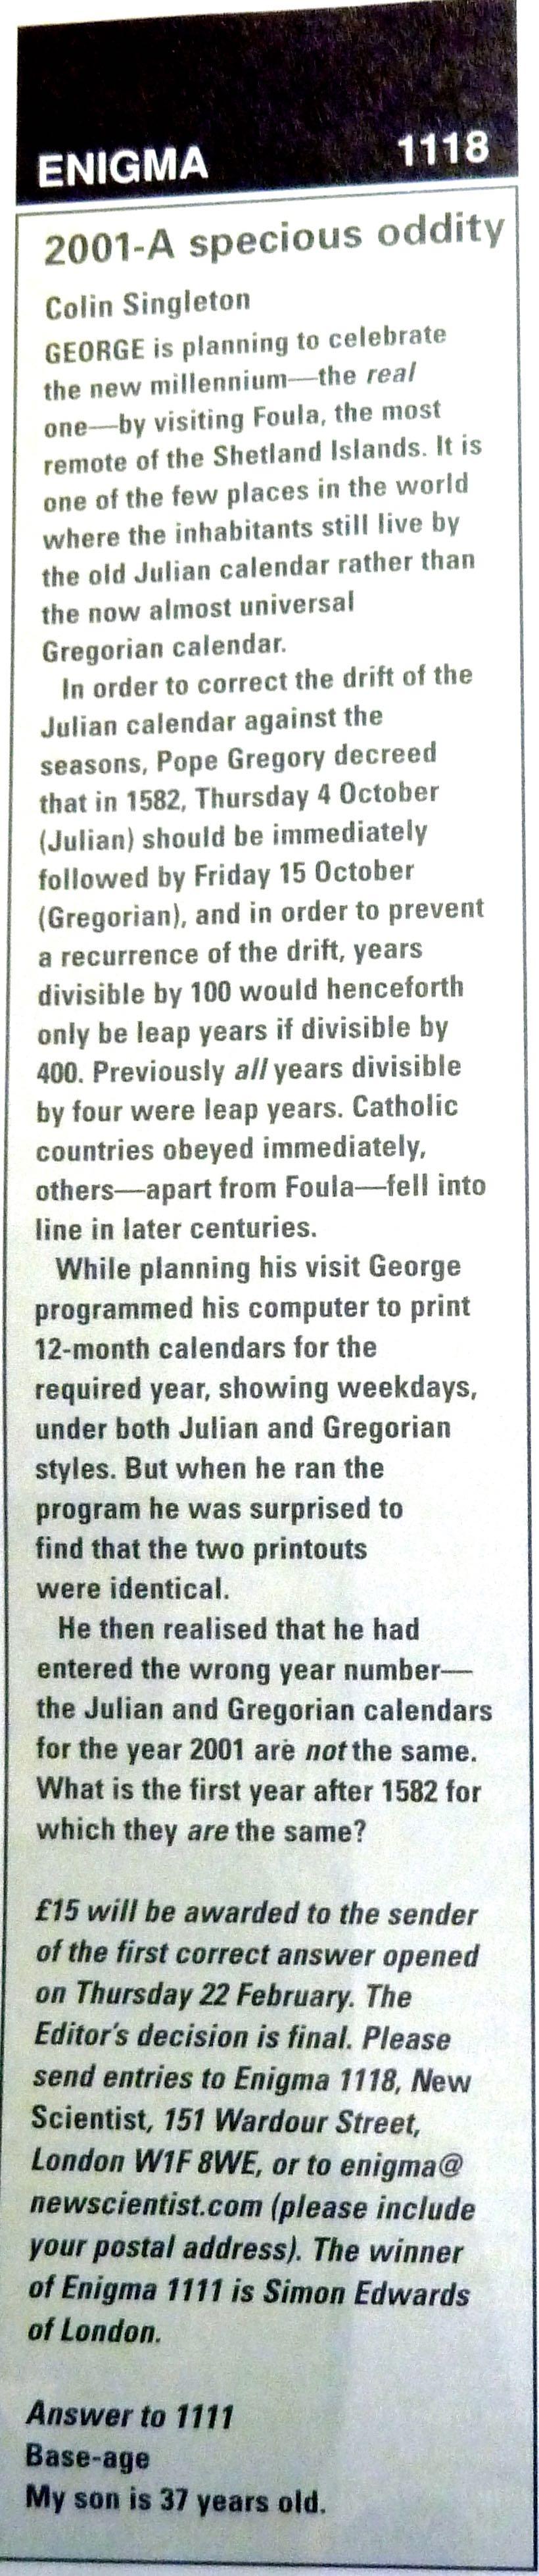 Julian Leap Year Calendar : Enigma 1118: 2001 u2013 a specious oddity enigmatic code